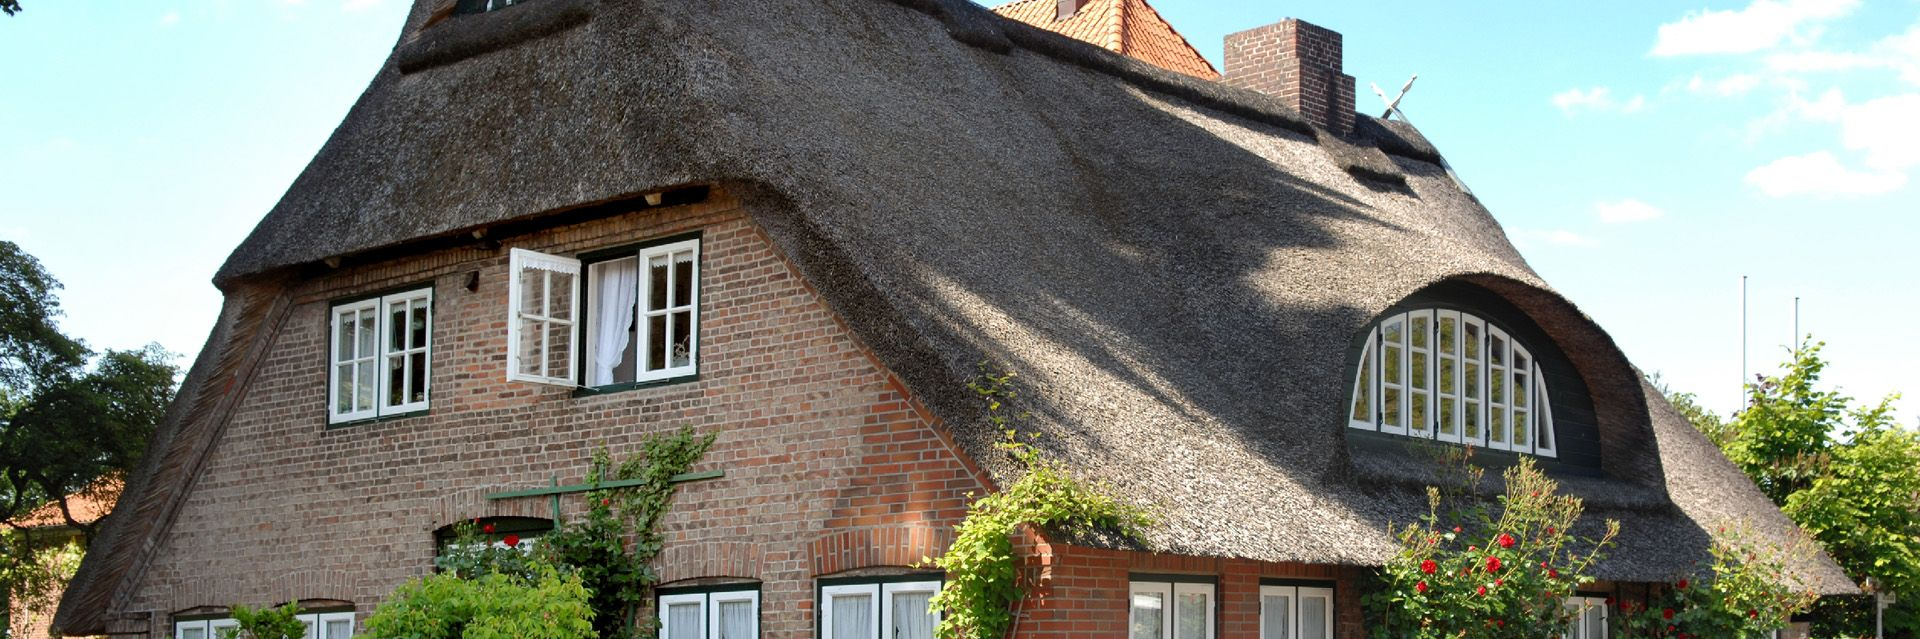 Reetdachhaus in den Elbmarschen